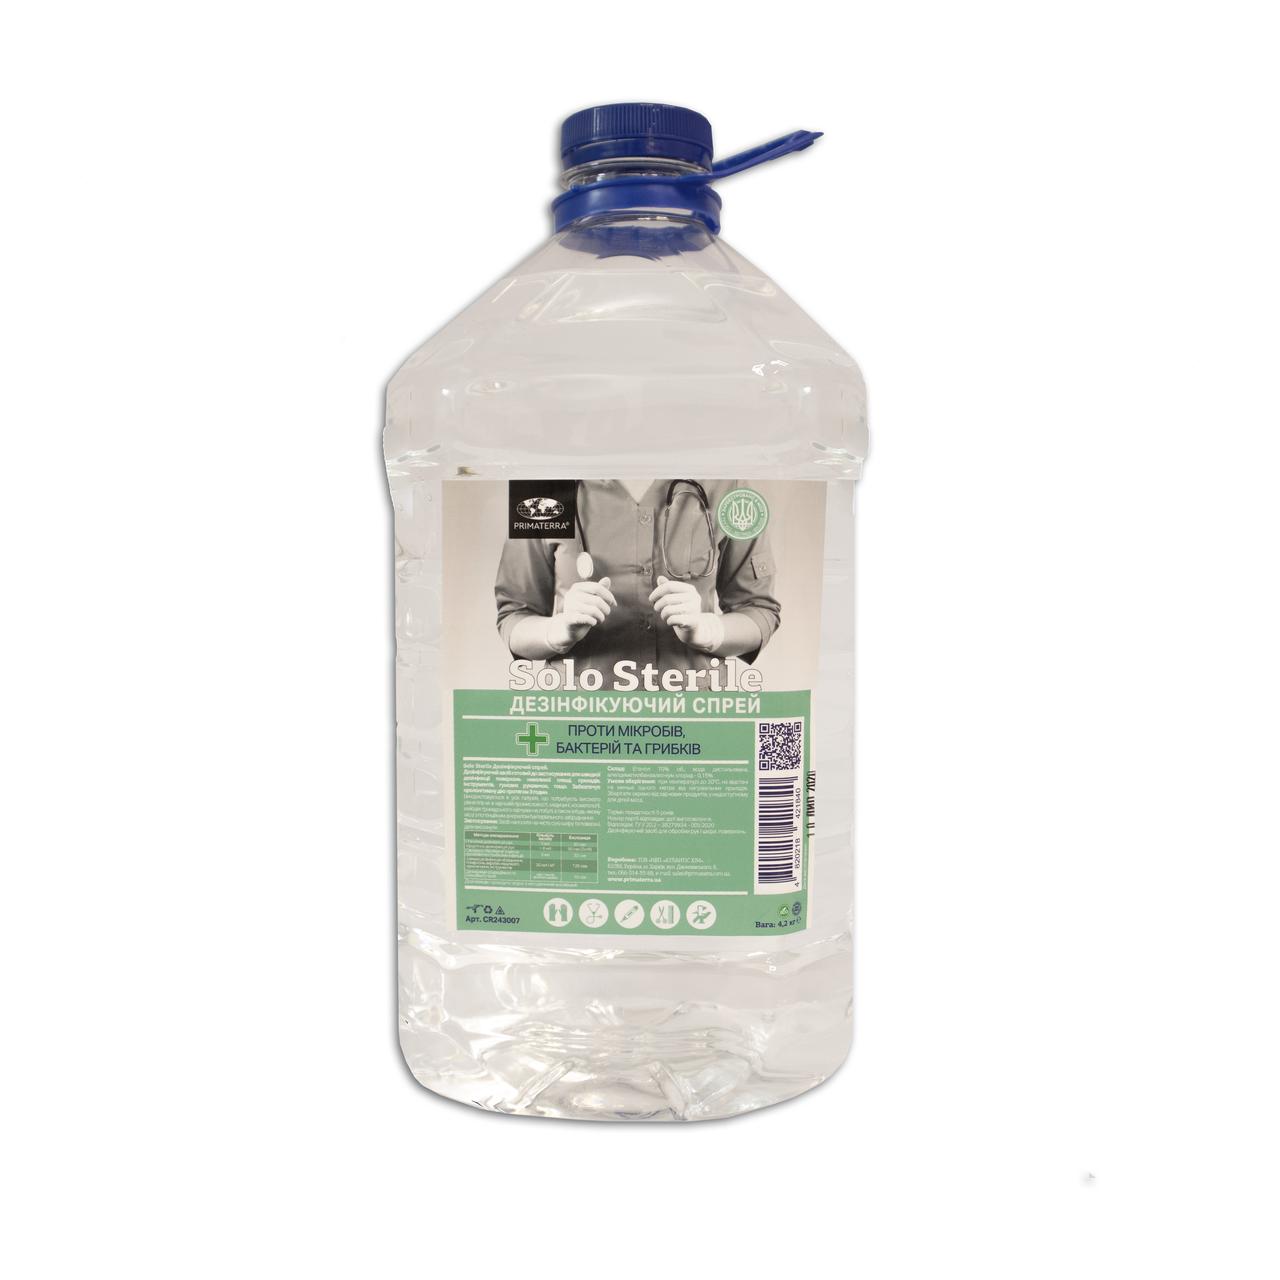 Дезінфікуючий засіб для поверхонь без аромату SOLO sterile (4.2 кг) Пет тара